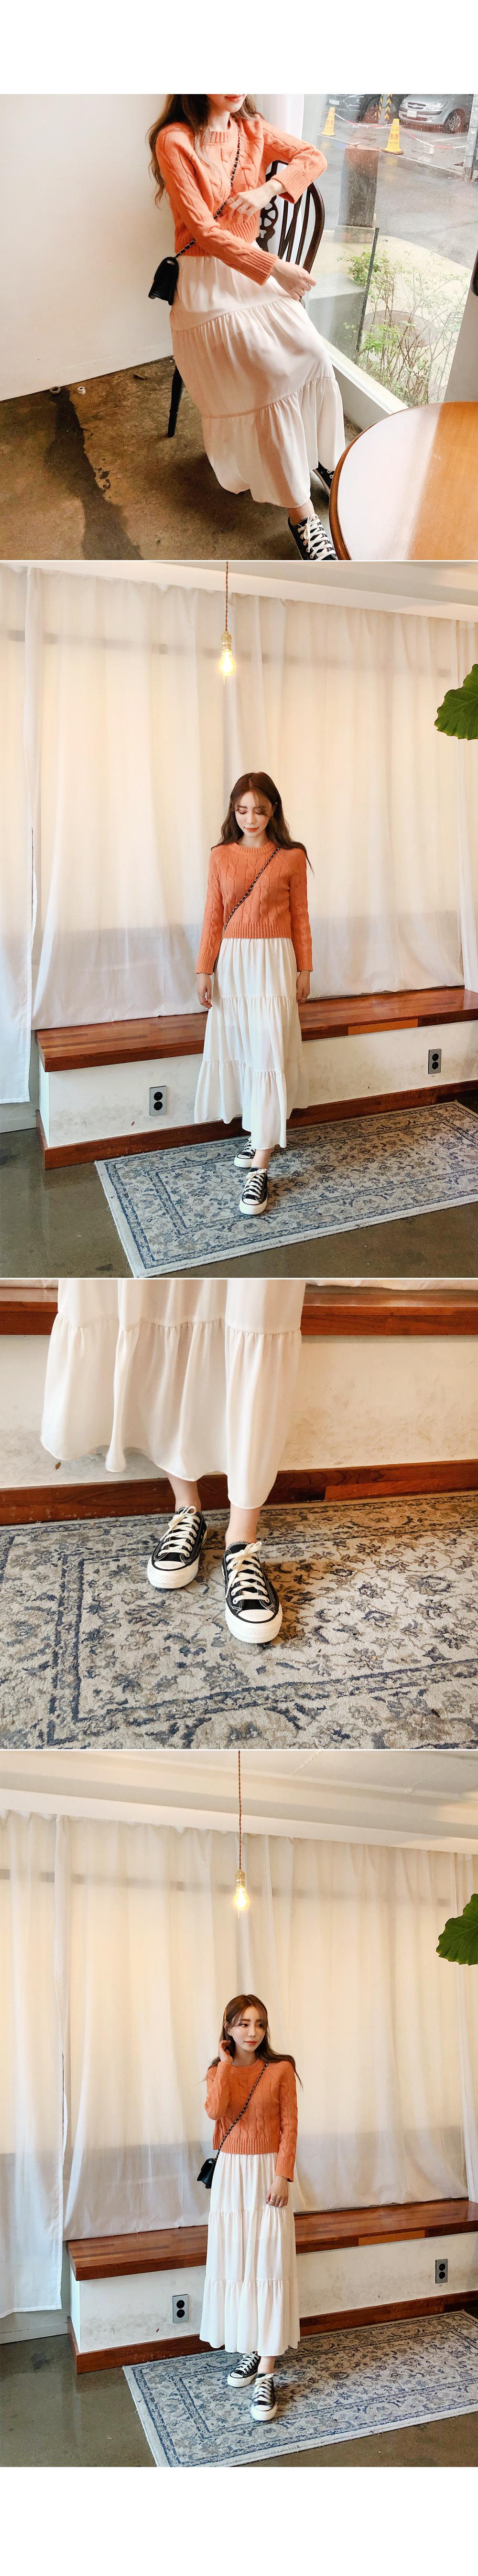 Sharla Goddess Skirt